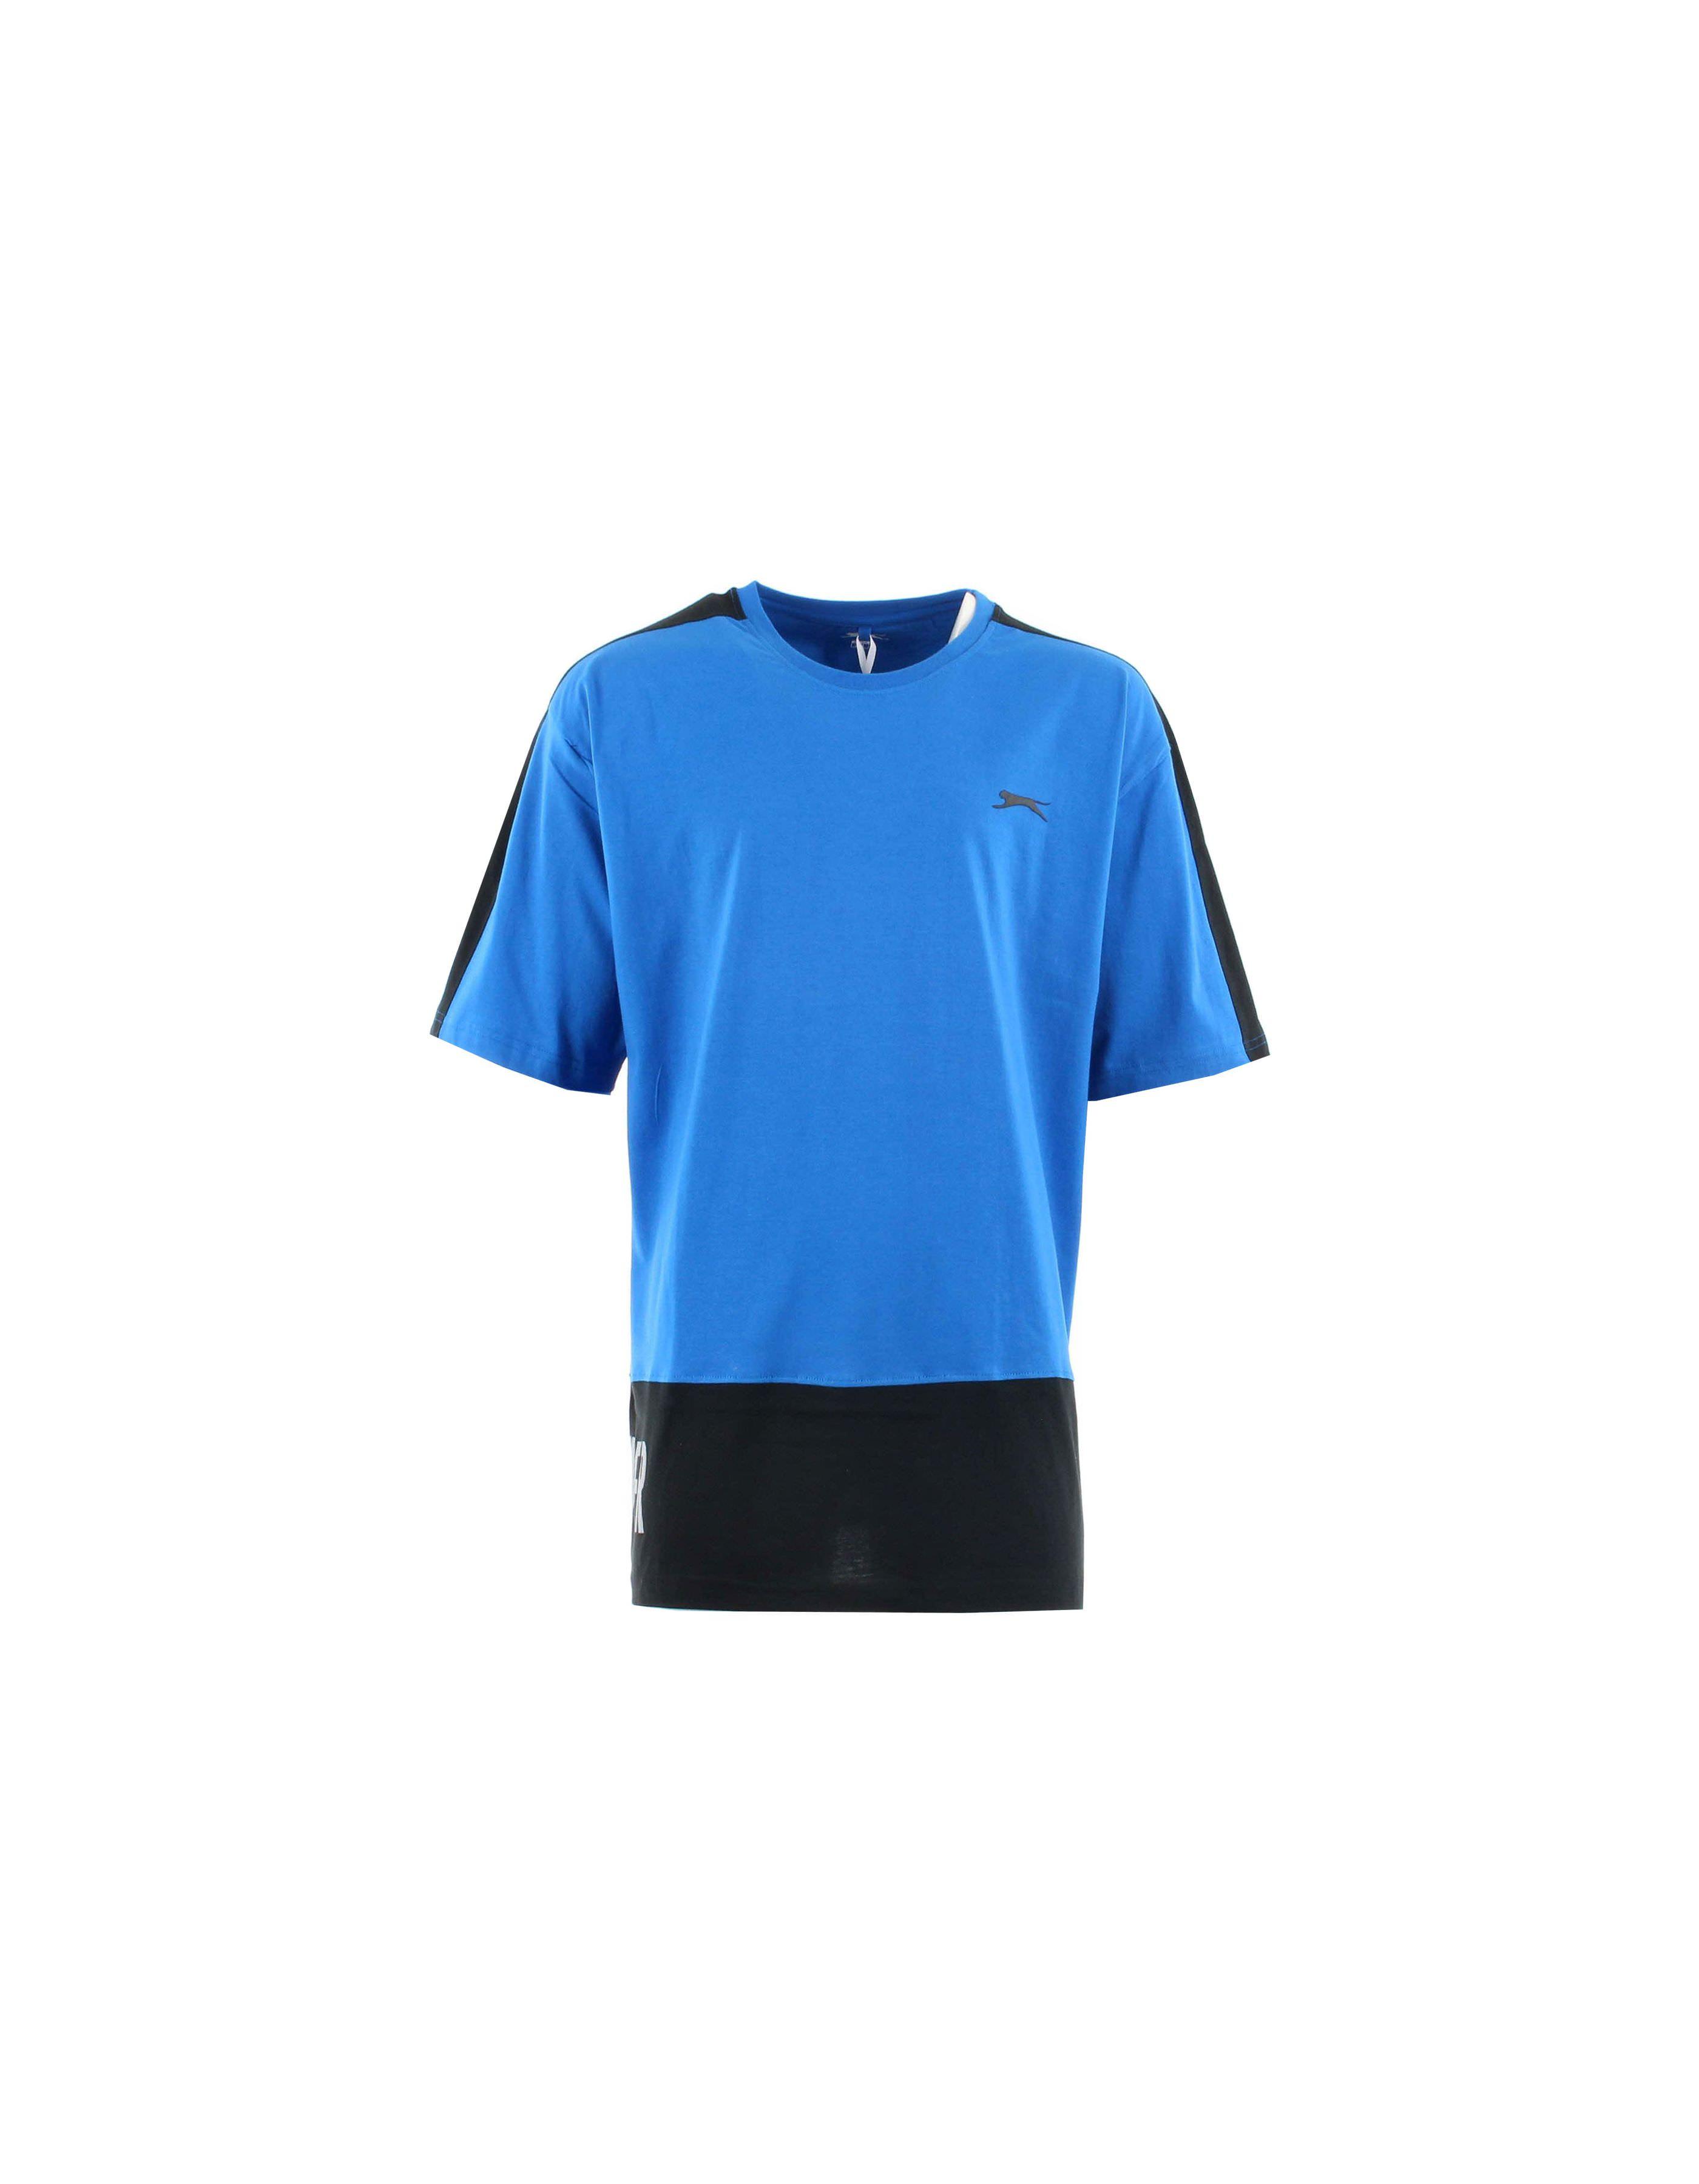 T Shirt bi colore LAWTON